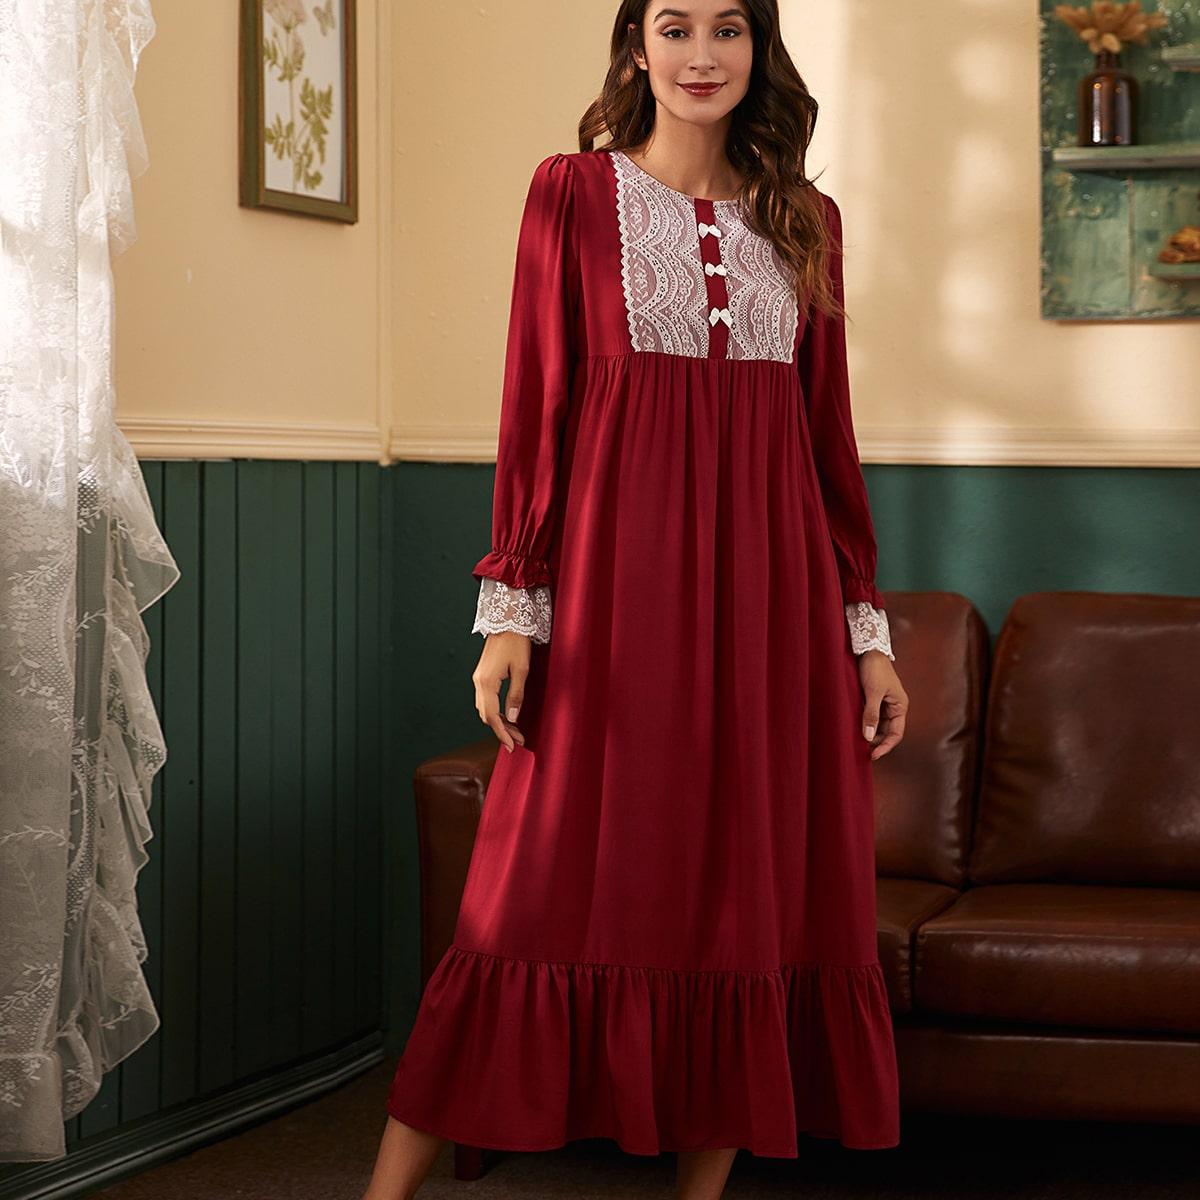 Ночное платье контрастного кружева с оборками и бантом спереди